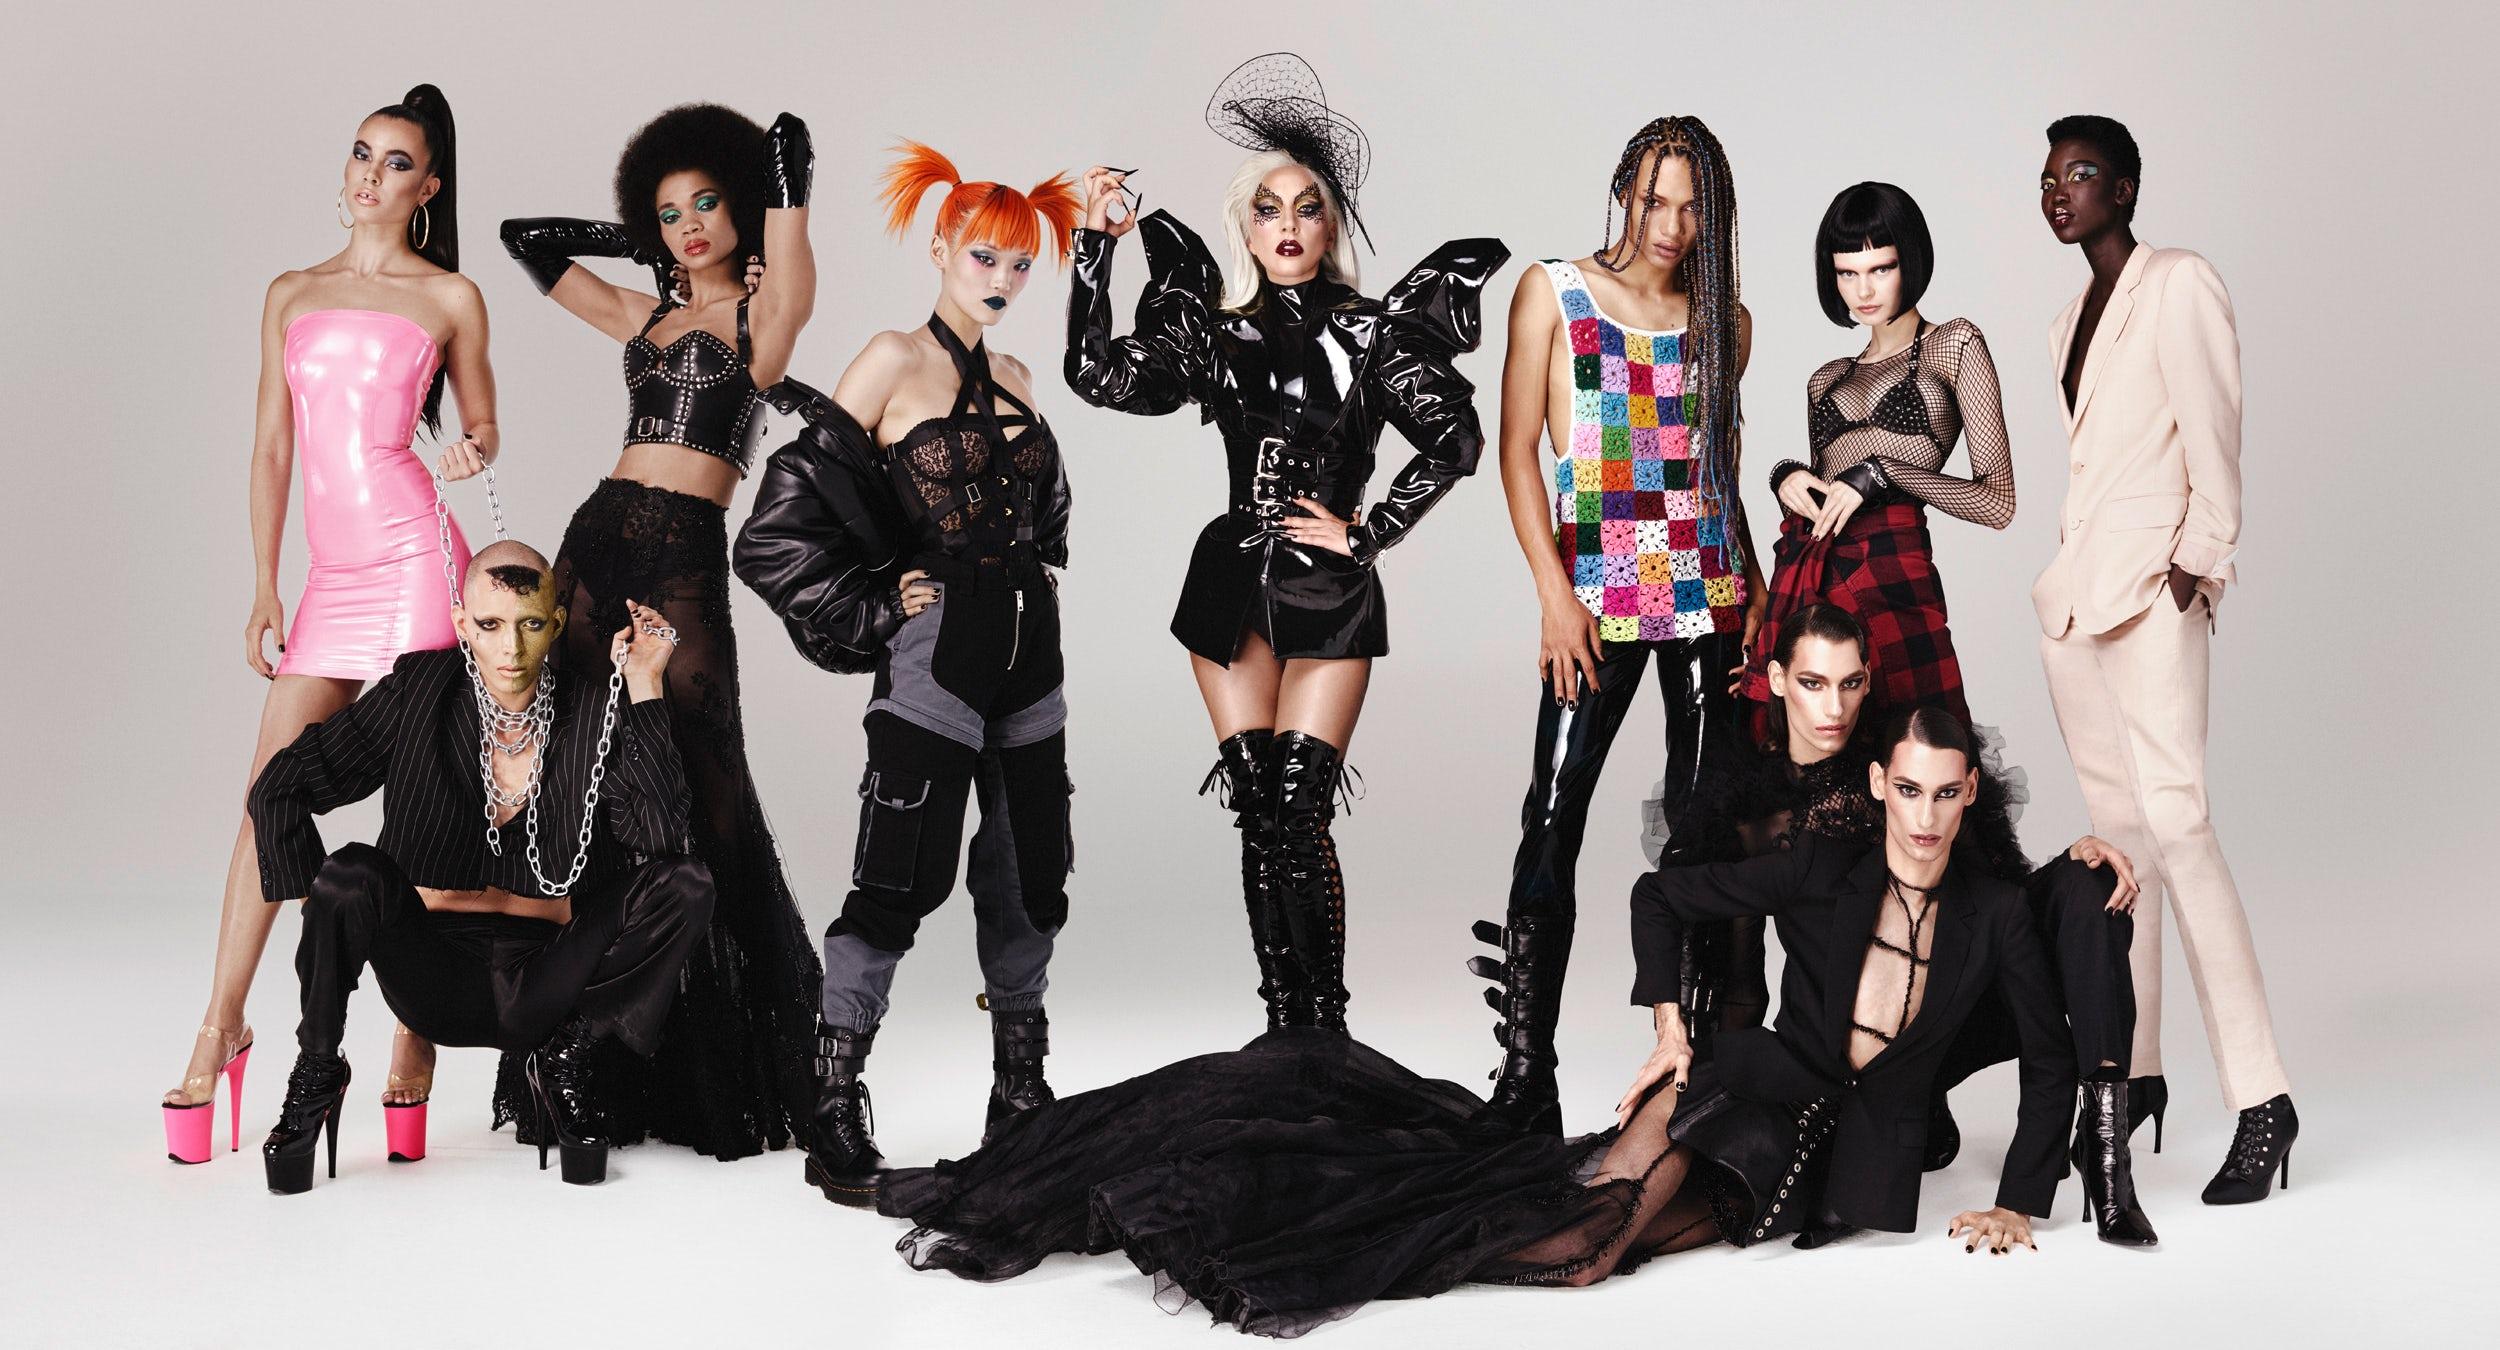 Campanha da Haus Laboratories, de Lady Gaga / Reprodução